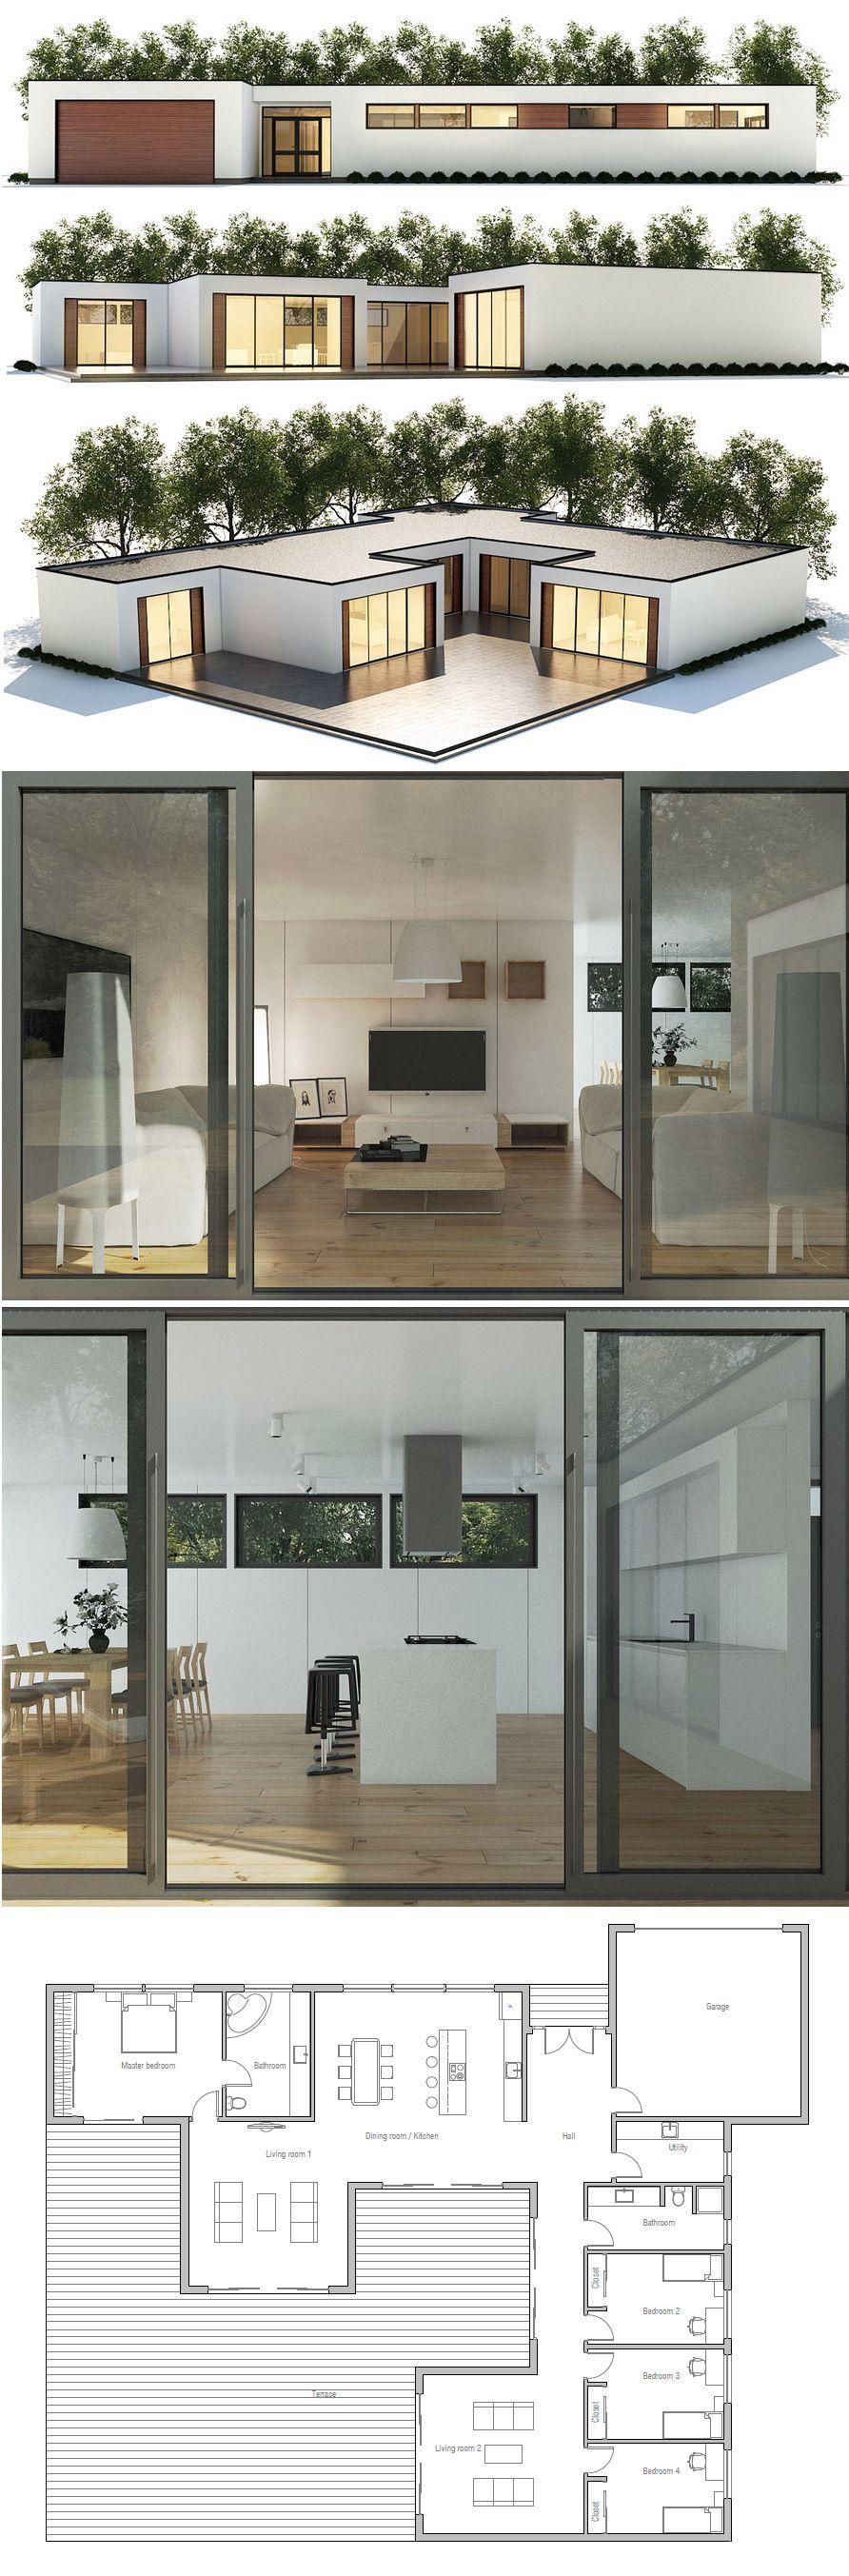 Architektur ähnliche Projekte und Ideen wie im Bild vorgestellt ...